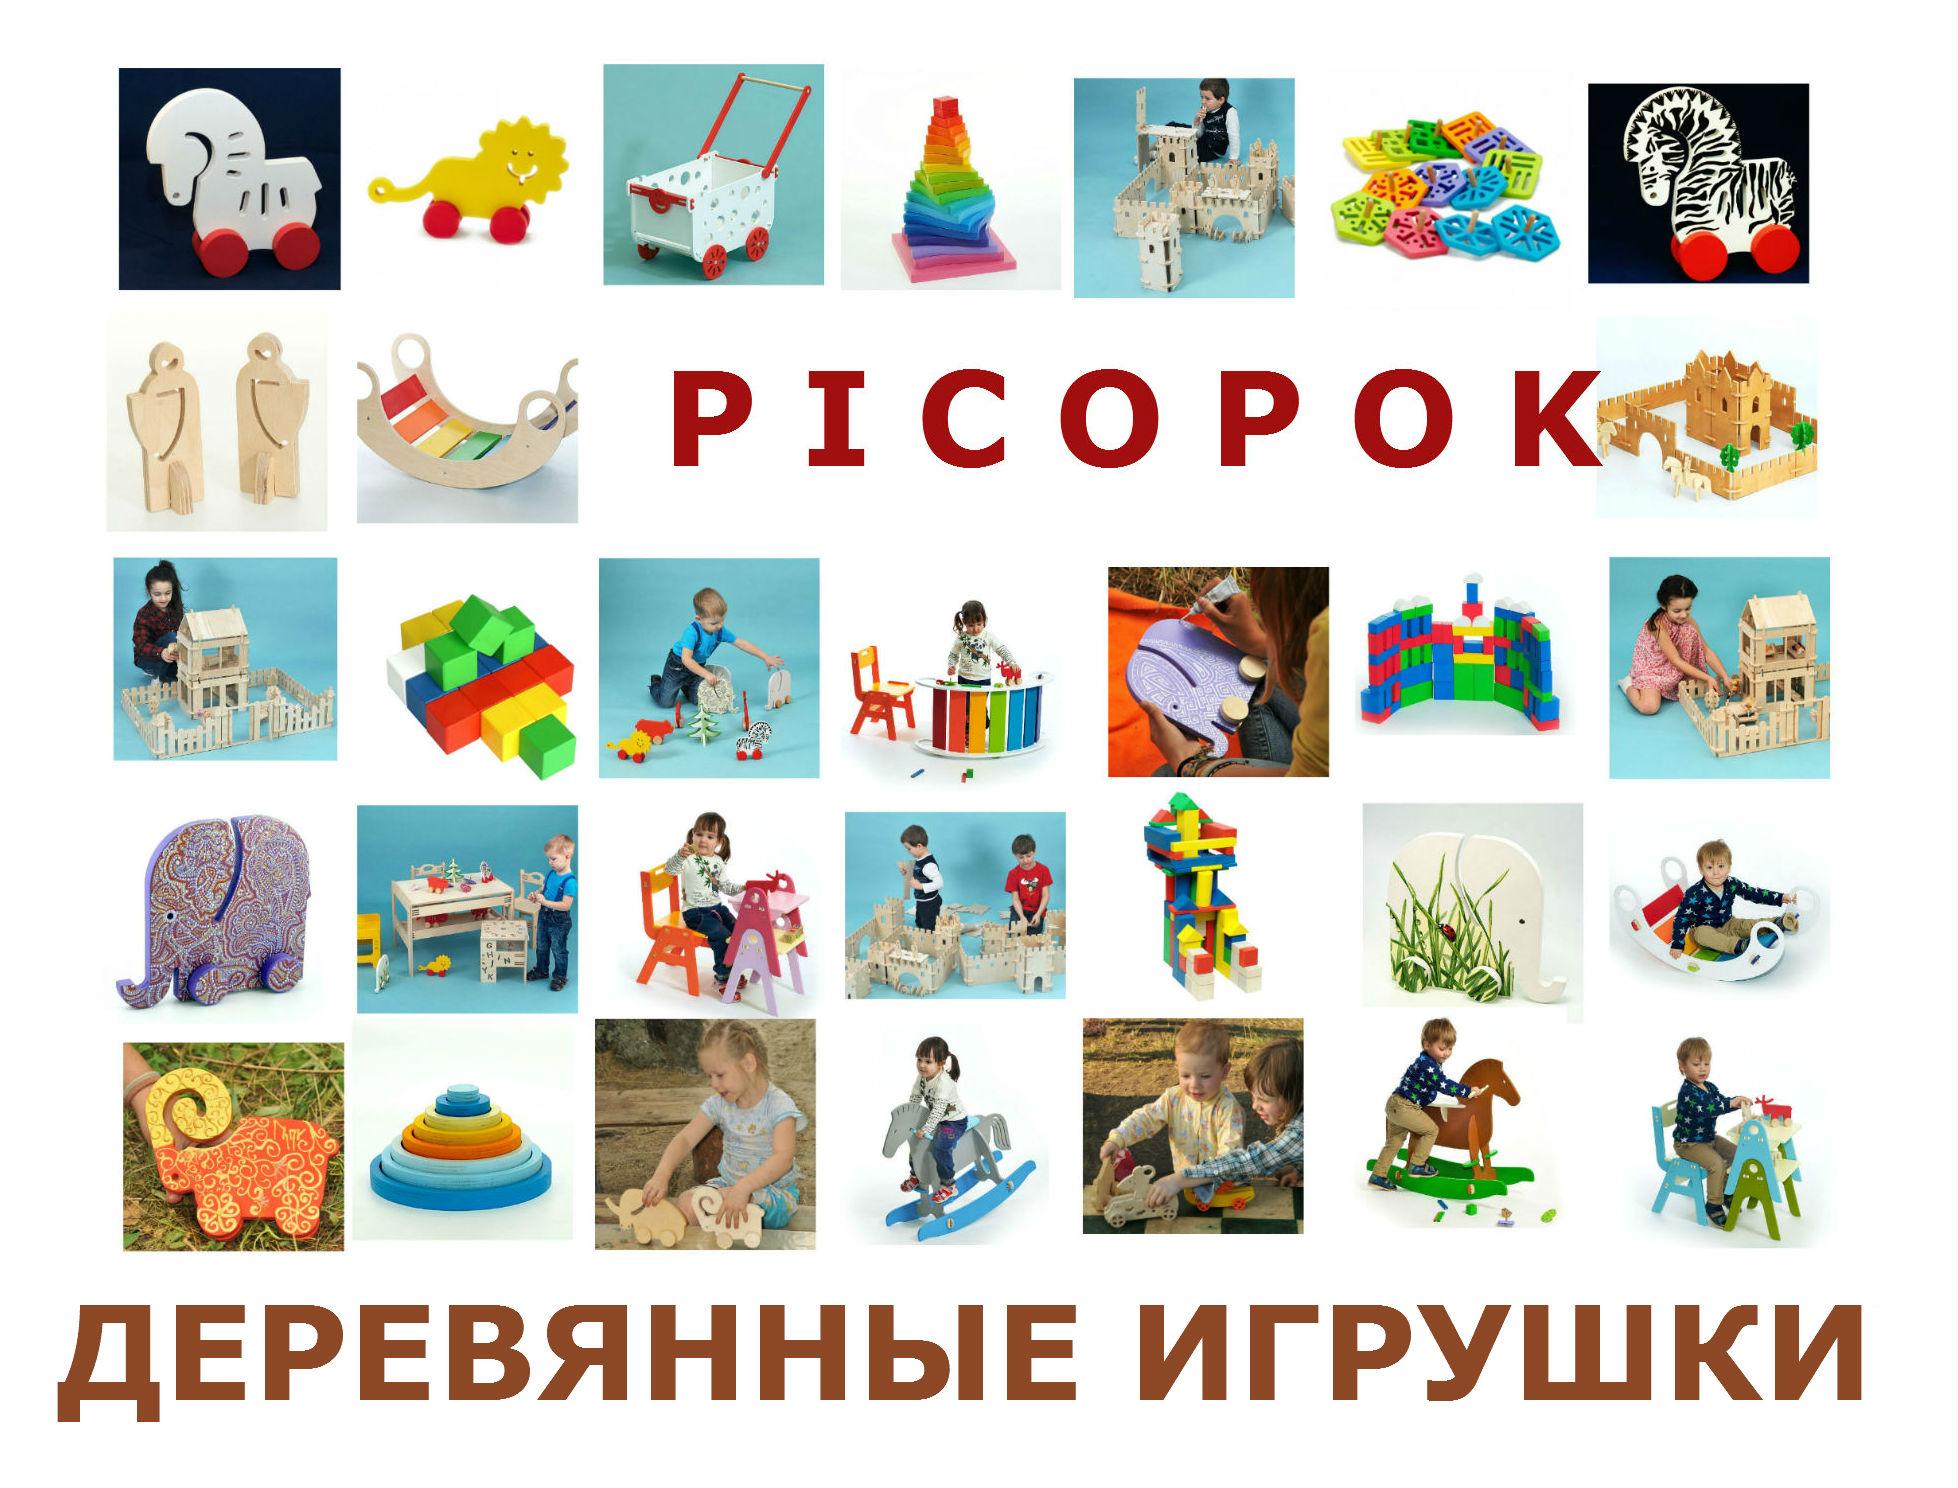 Сбор заказов. PicopoK. Деревянные игрушки, сделанные с любовью